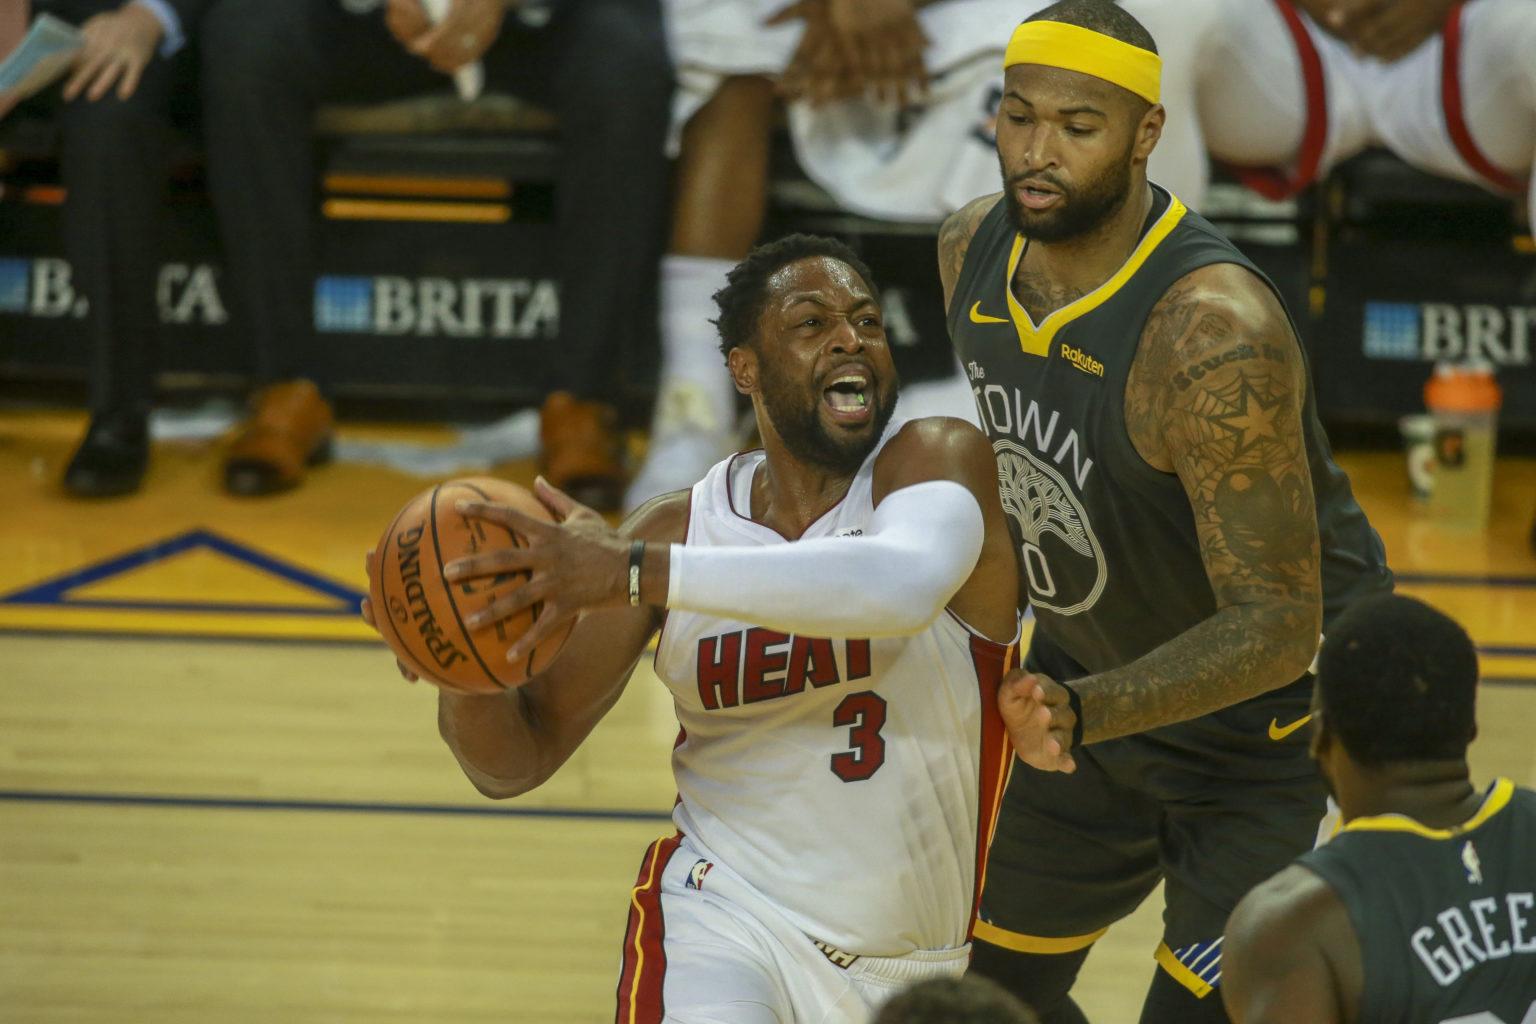 پیش بینی بسکتبال NBA دواین وید